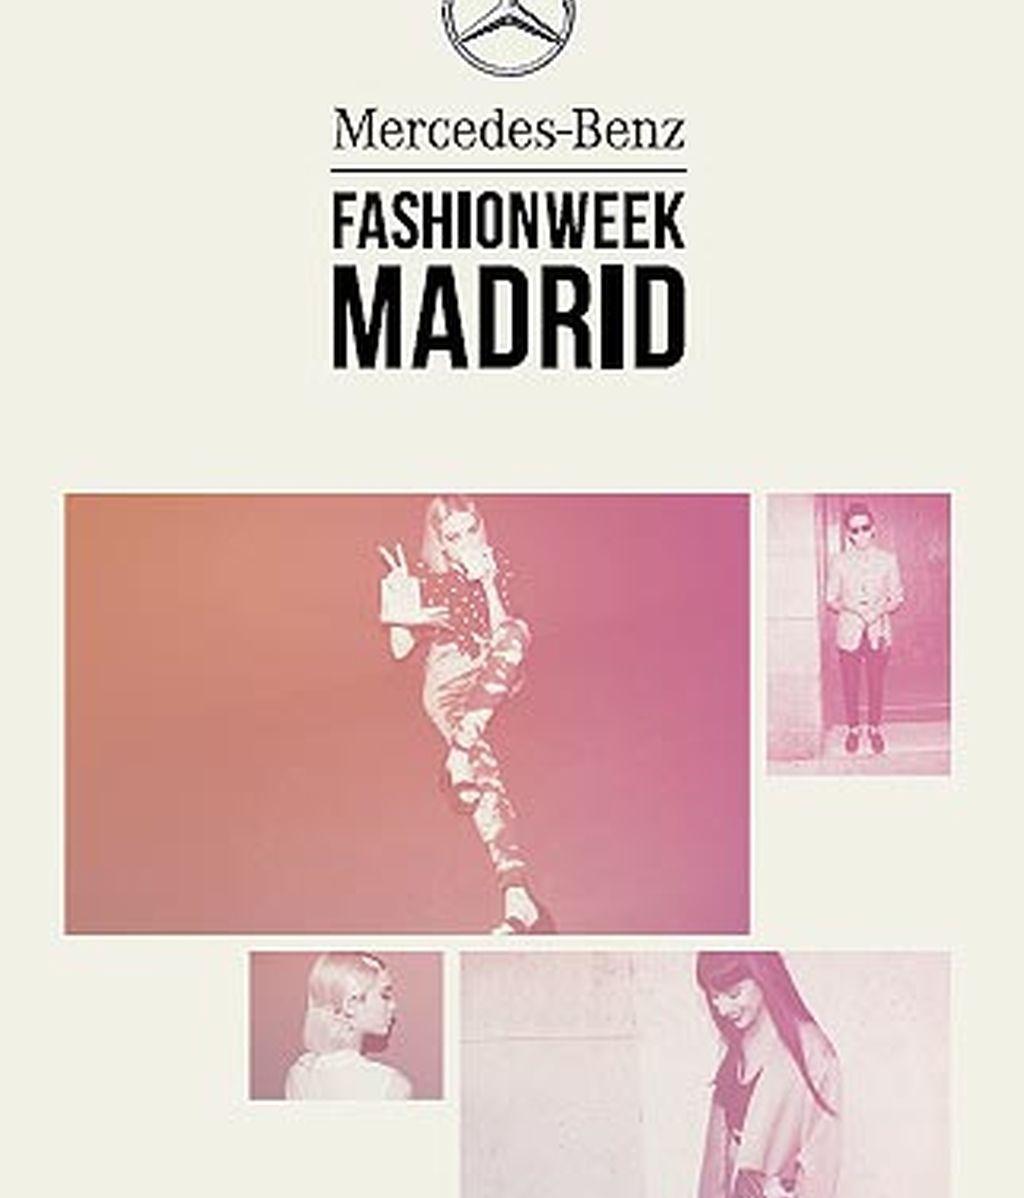 fashionweek_madrid